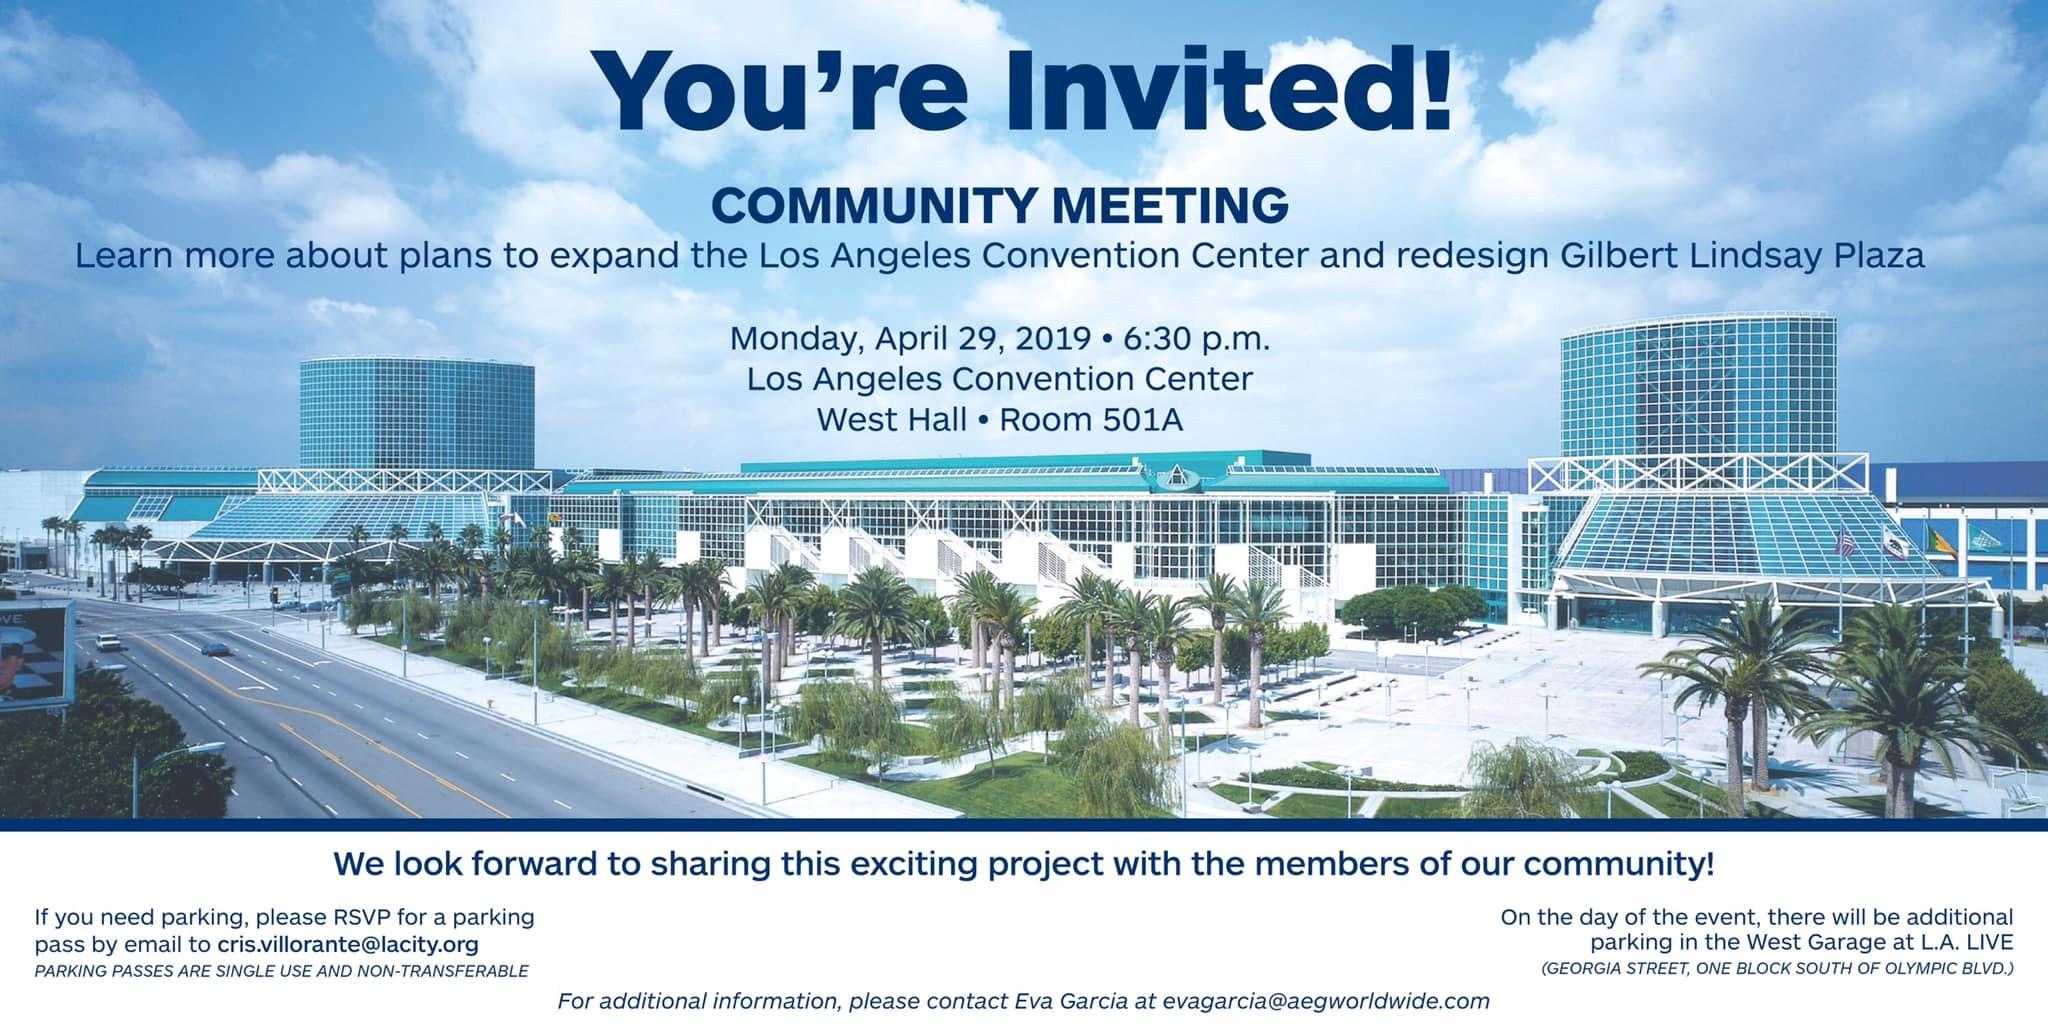 Los Angeles Community Meeting